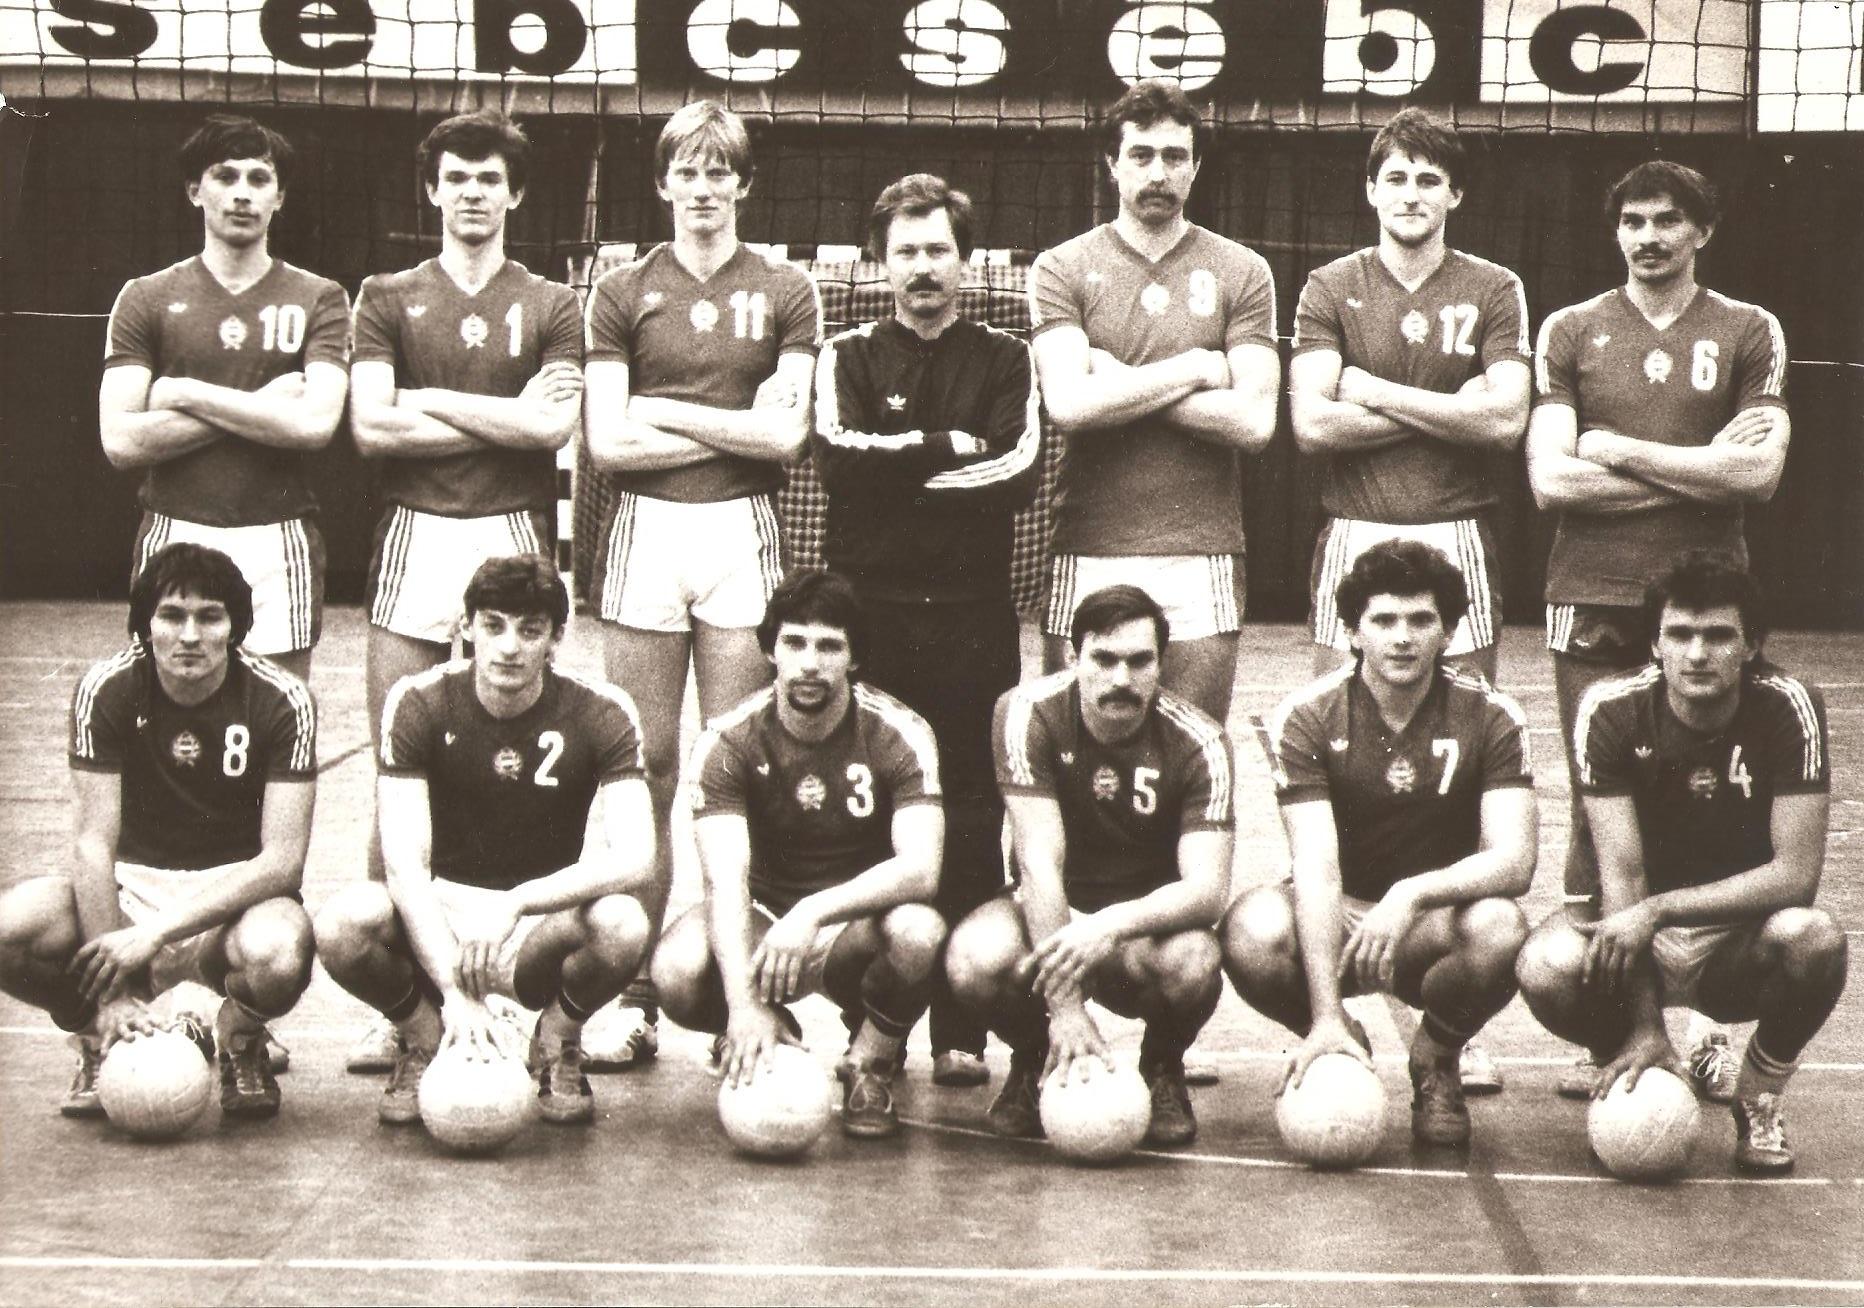 roplabdas_profil_borcsok_csaba_1981_eb_selejtezo.jpg